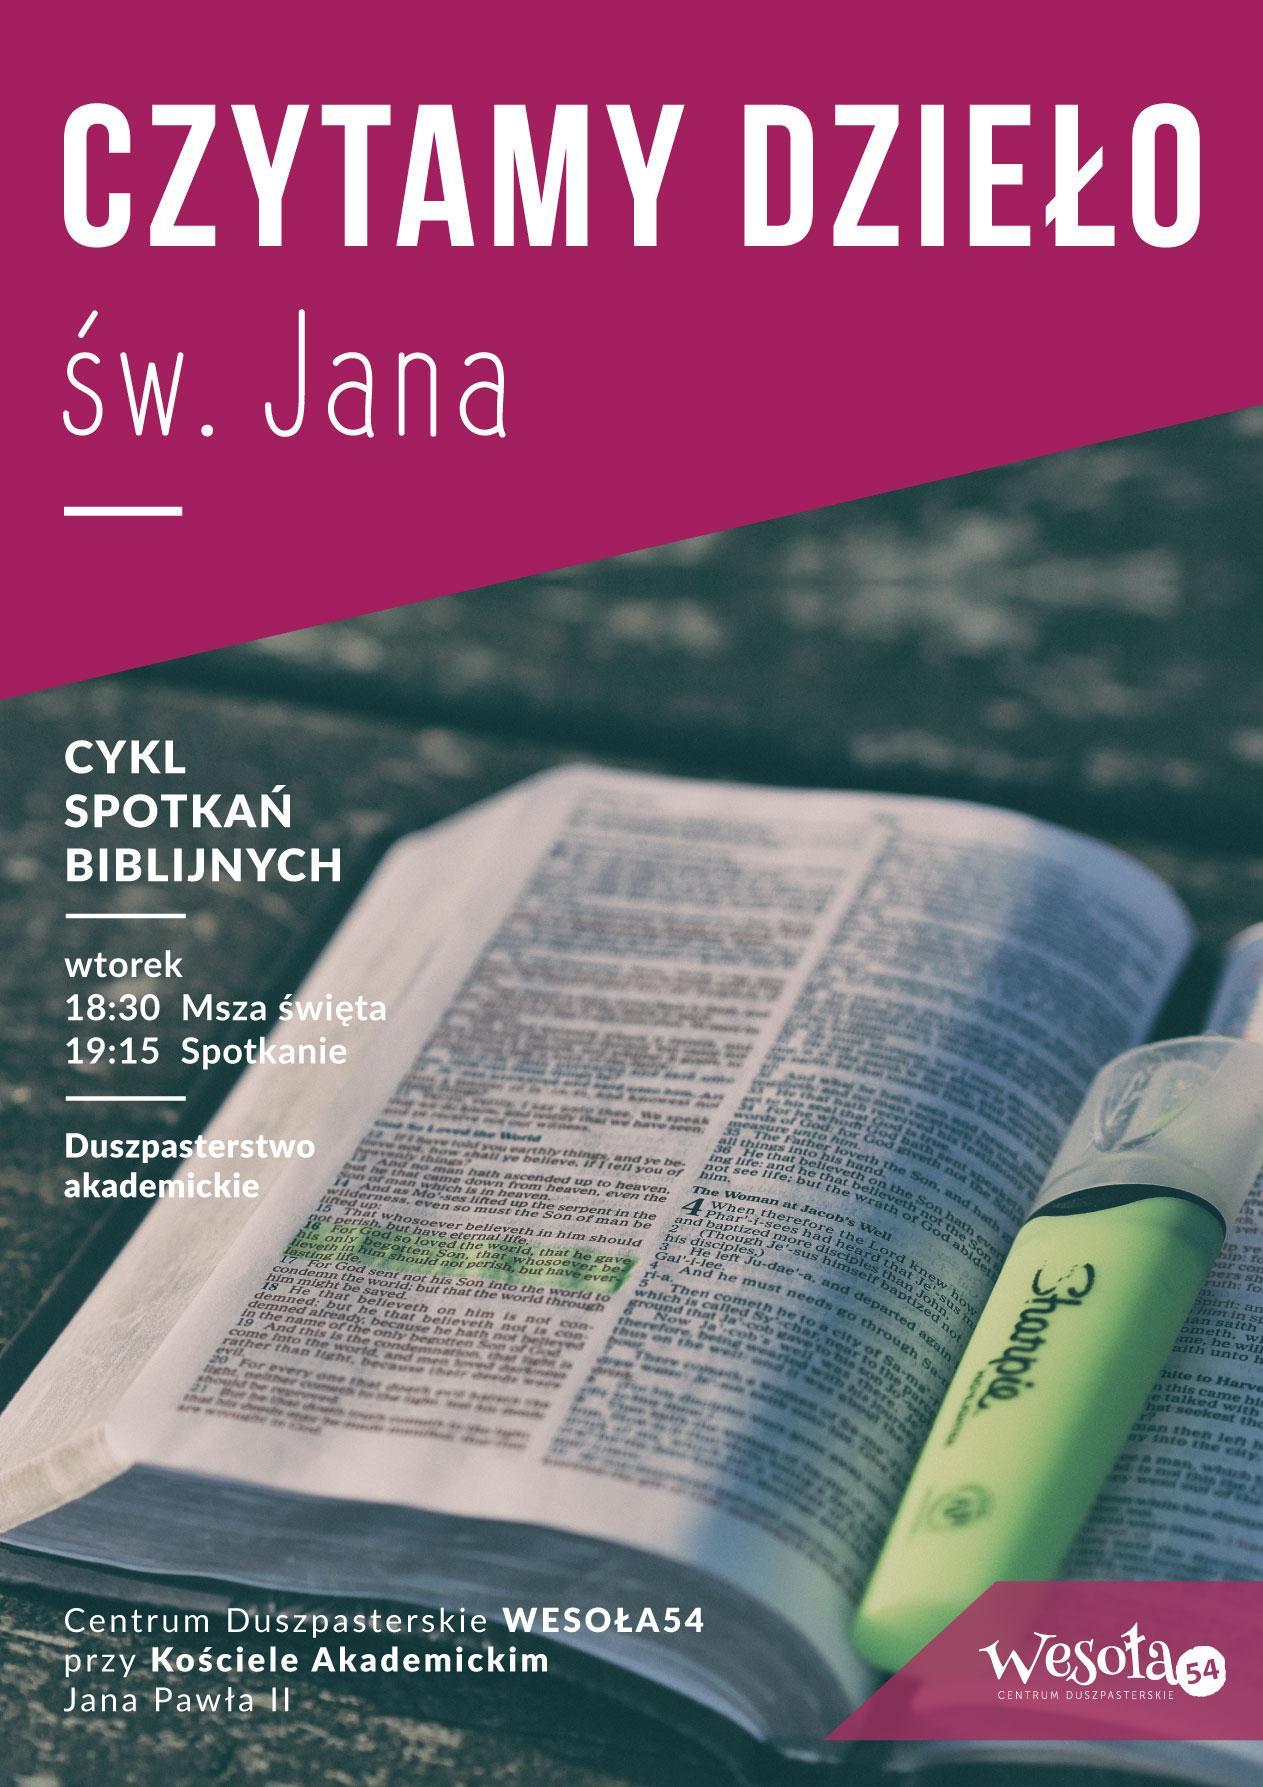 czytamy dzieło Jana